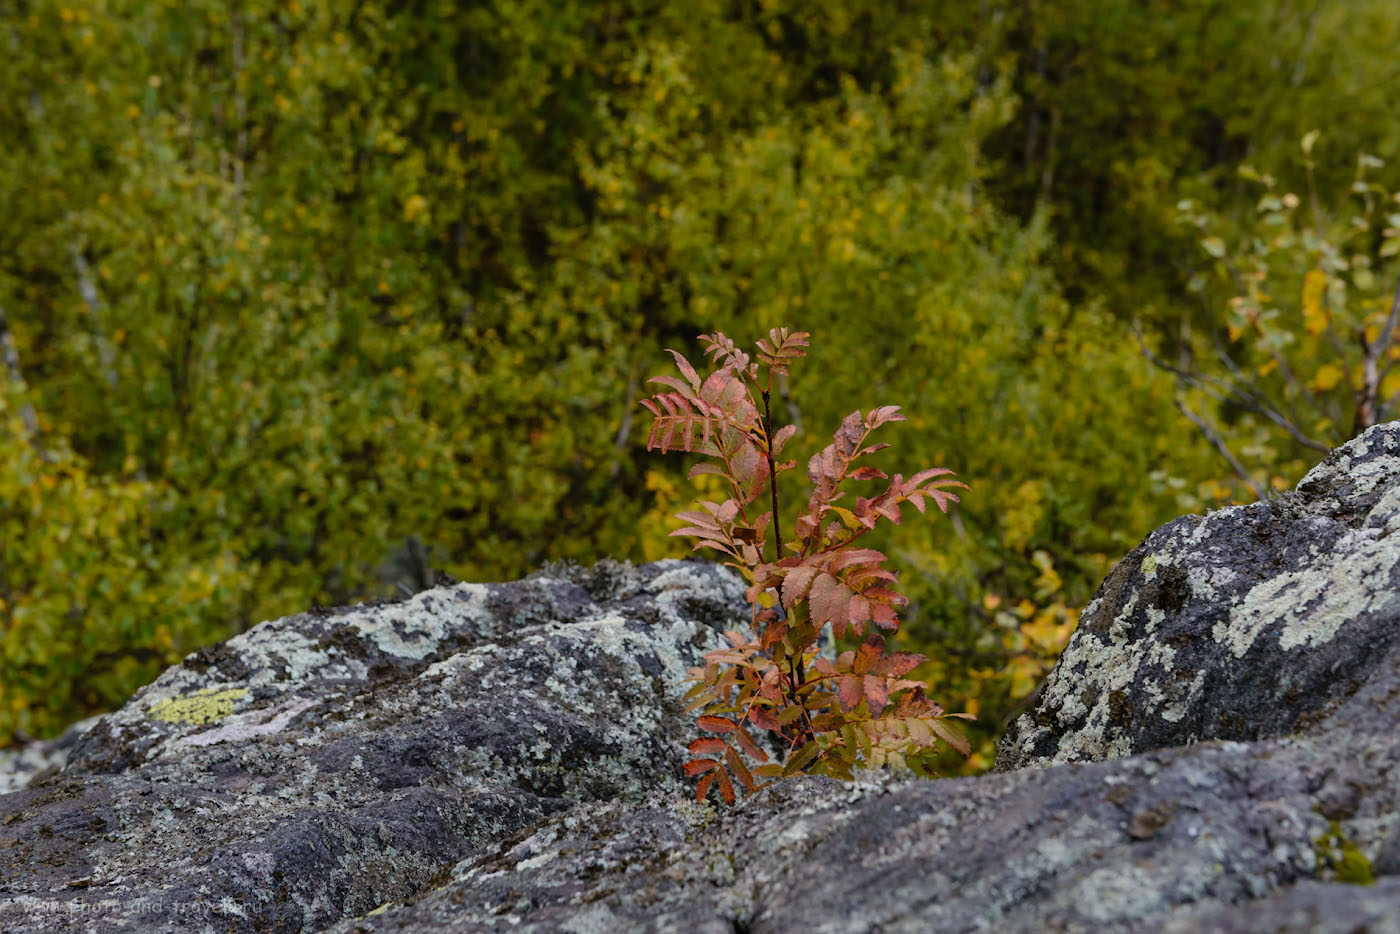 Фотография 8. Золотая осень на Таганае еще не наступила. 1/160, -0.67, 8.0, 720, 56.